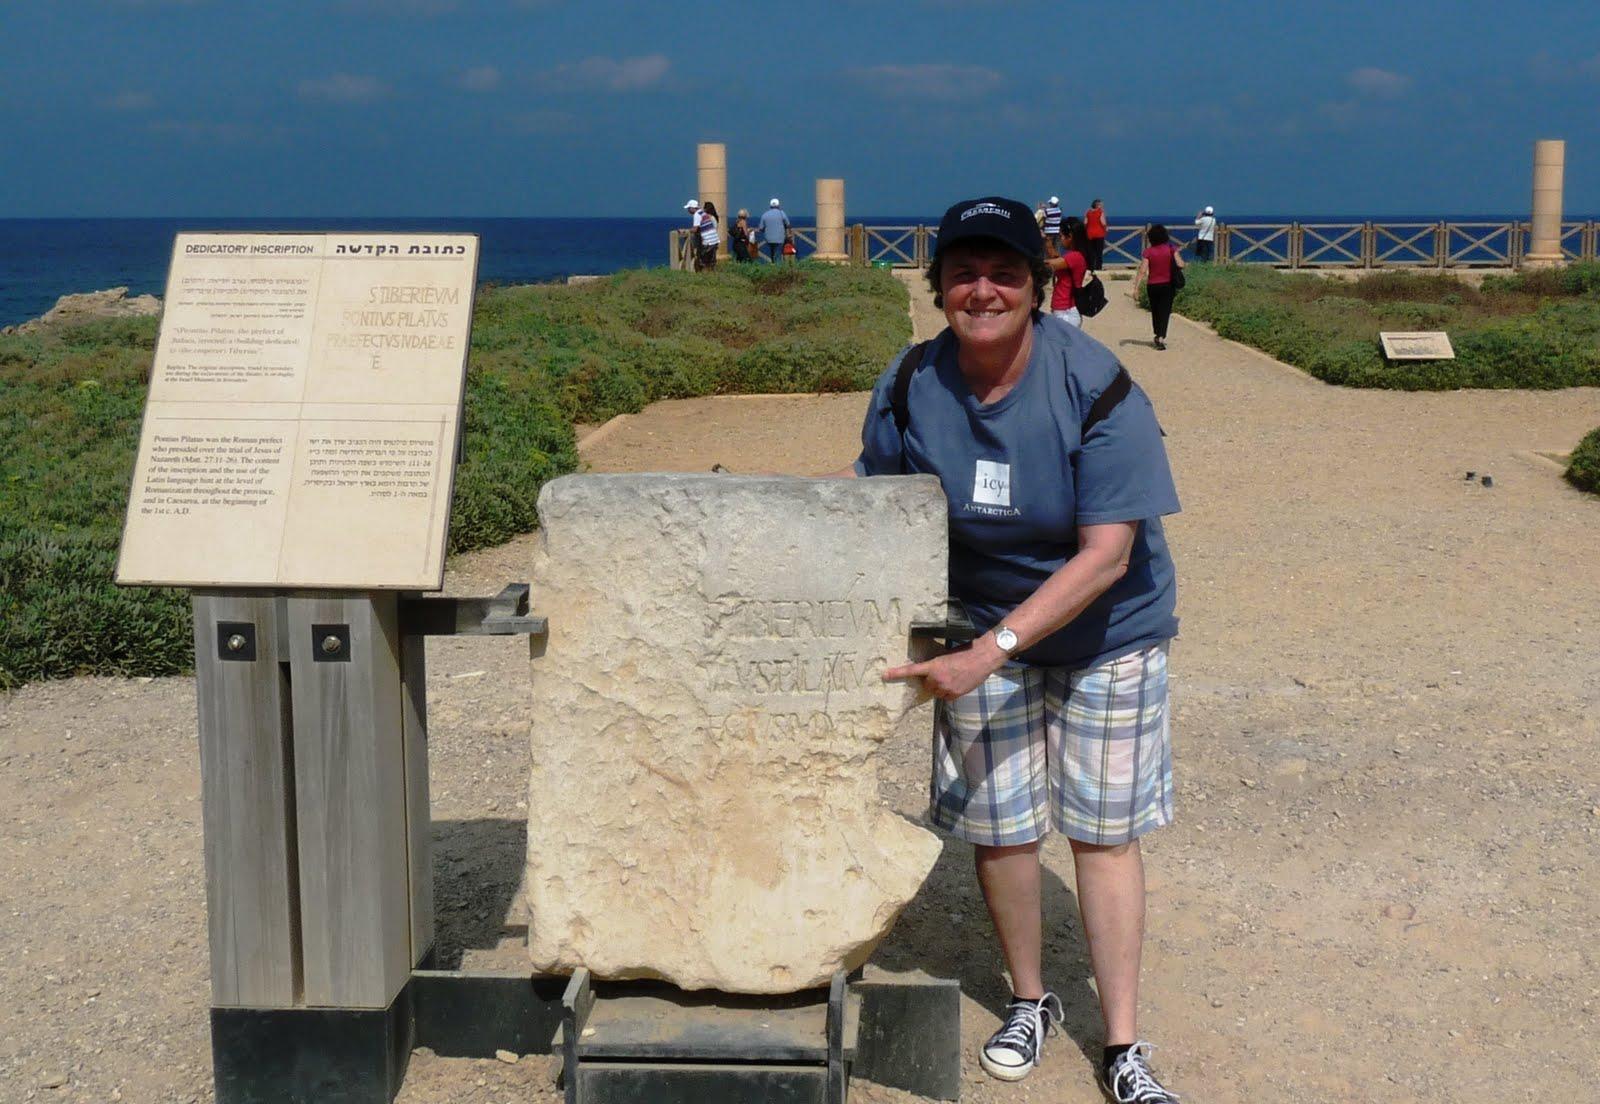 Inscrição em Cesareia sobre Pôncio Pilatos